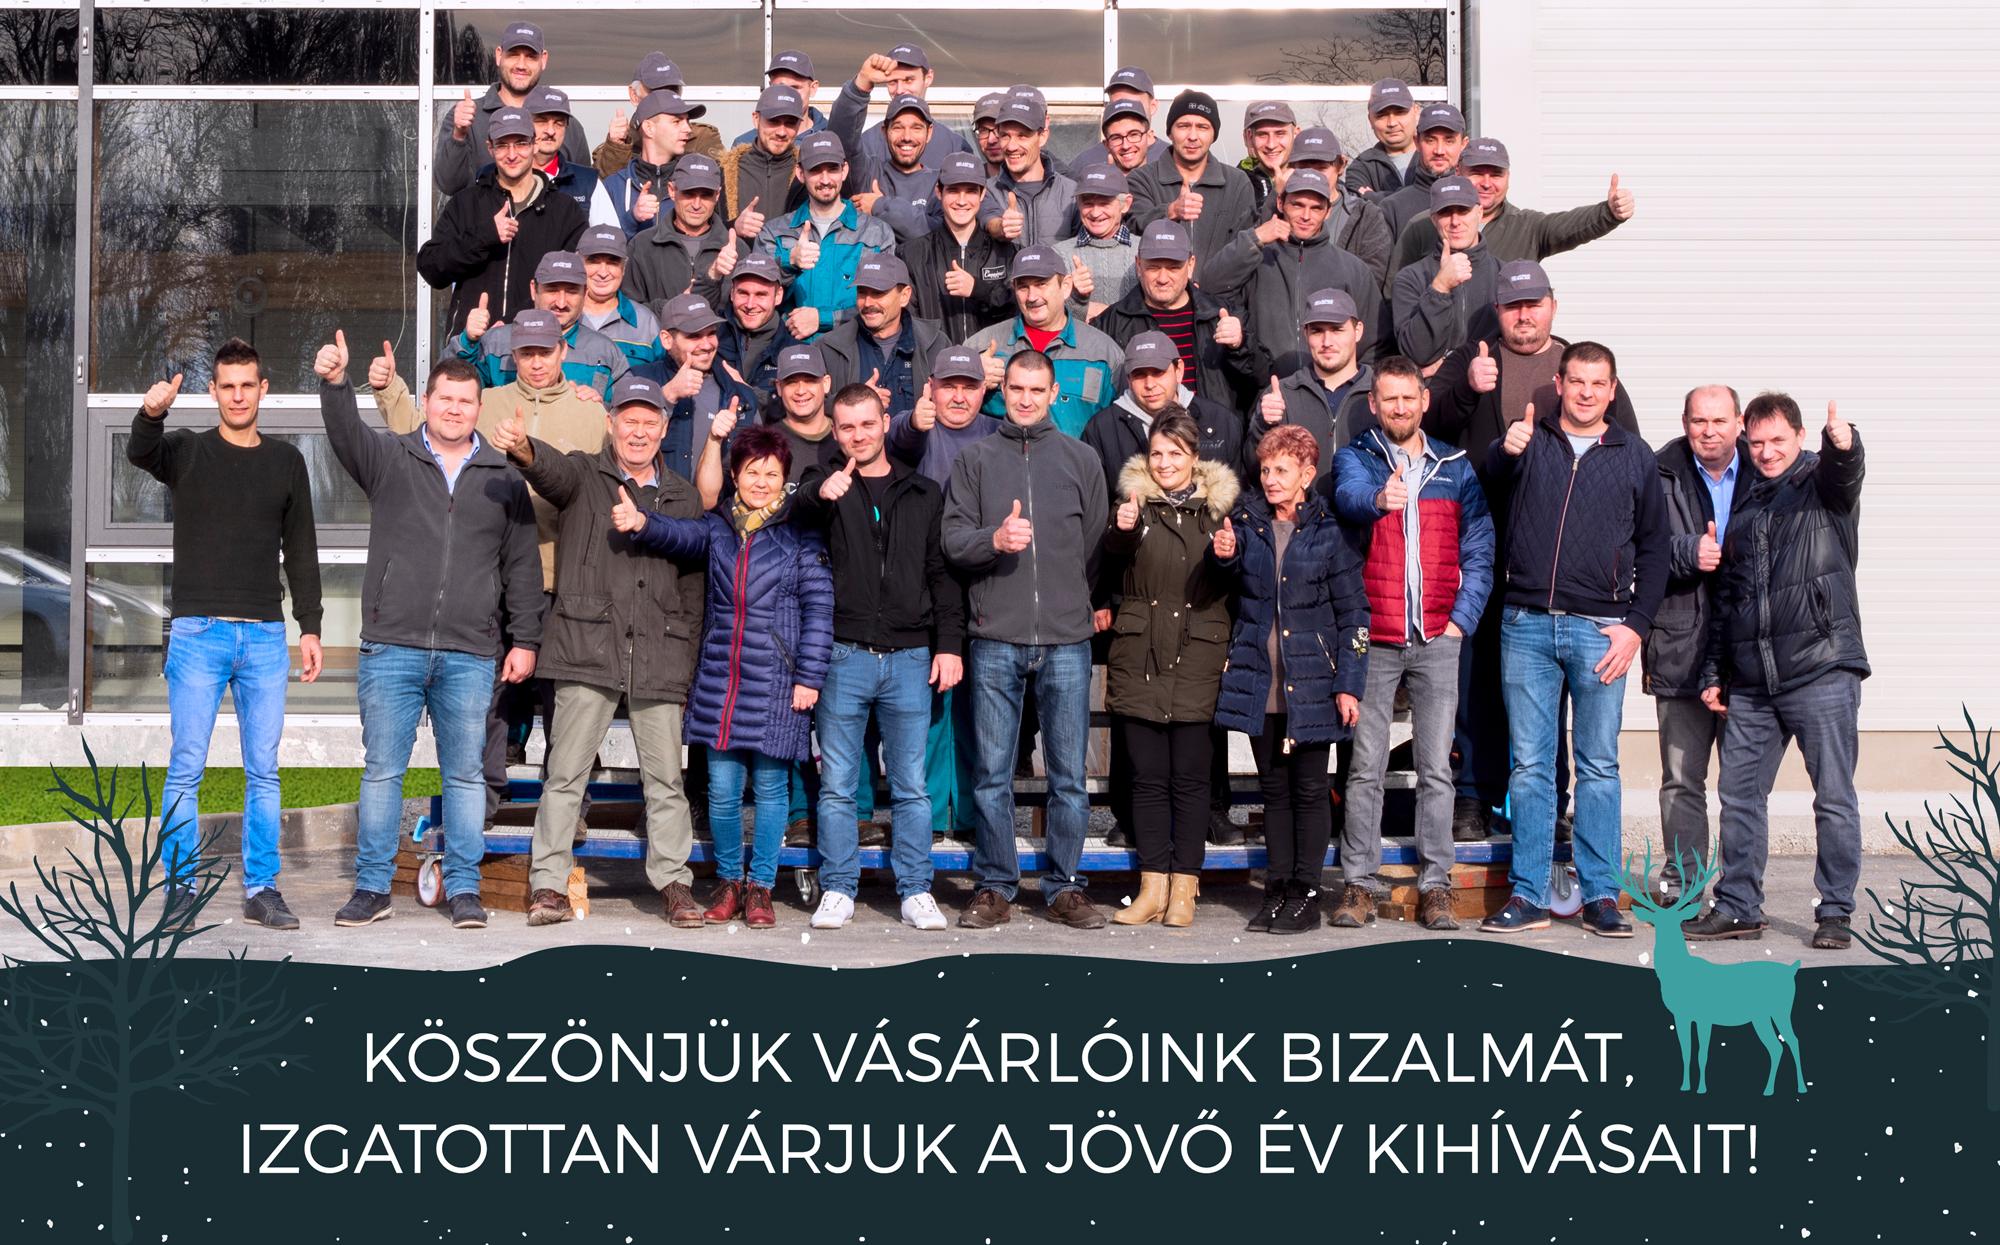 Janko_Ablak_evzaro (3).jpg